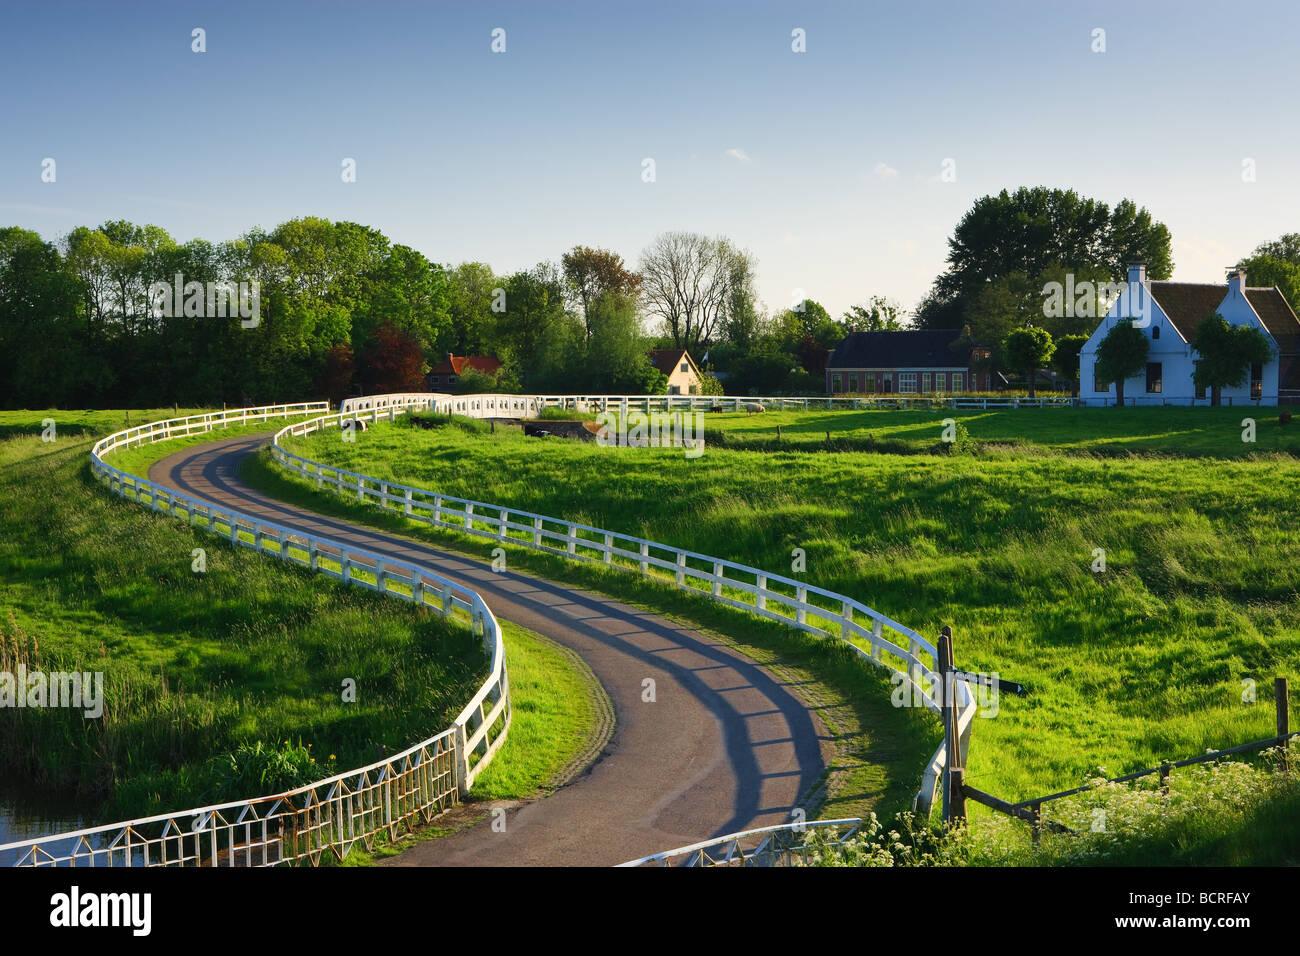 Aduarderzijl Groningen Netherlands - Stock Image